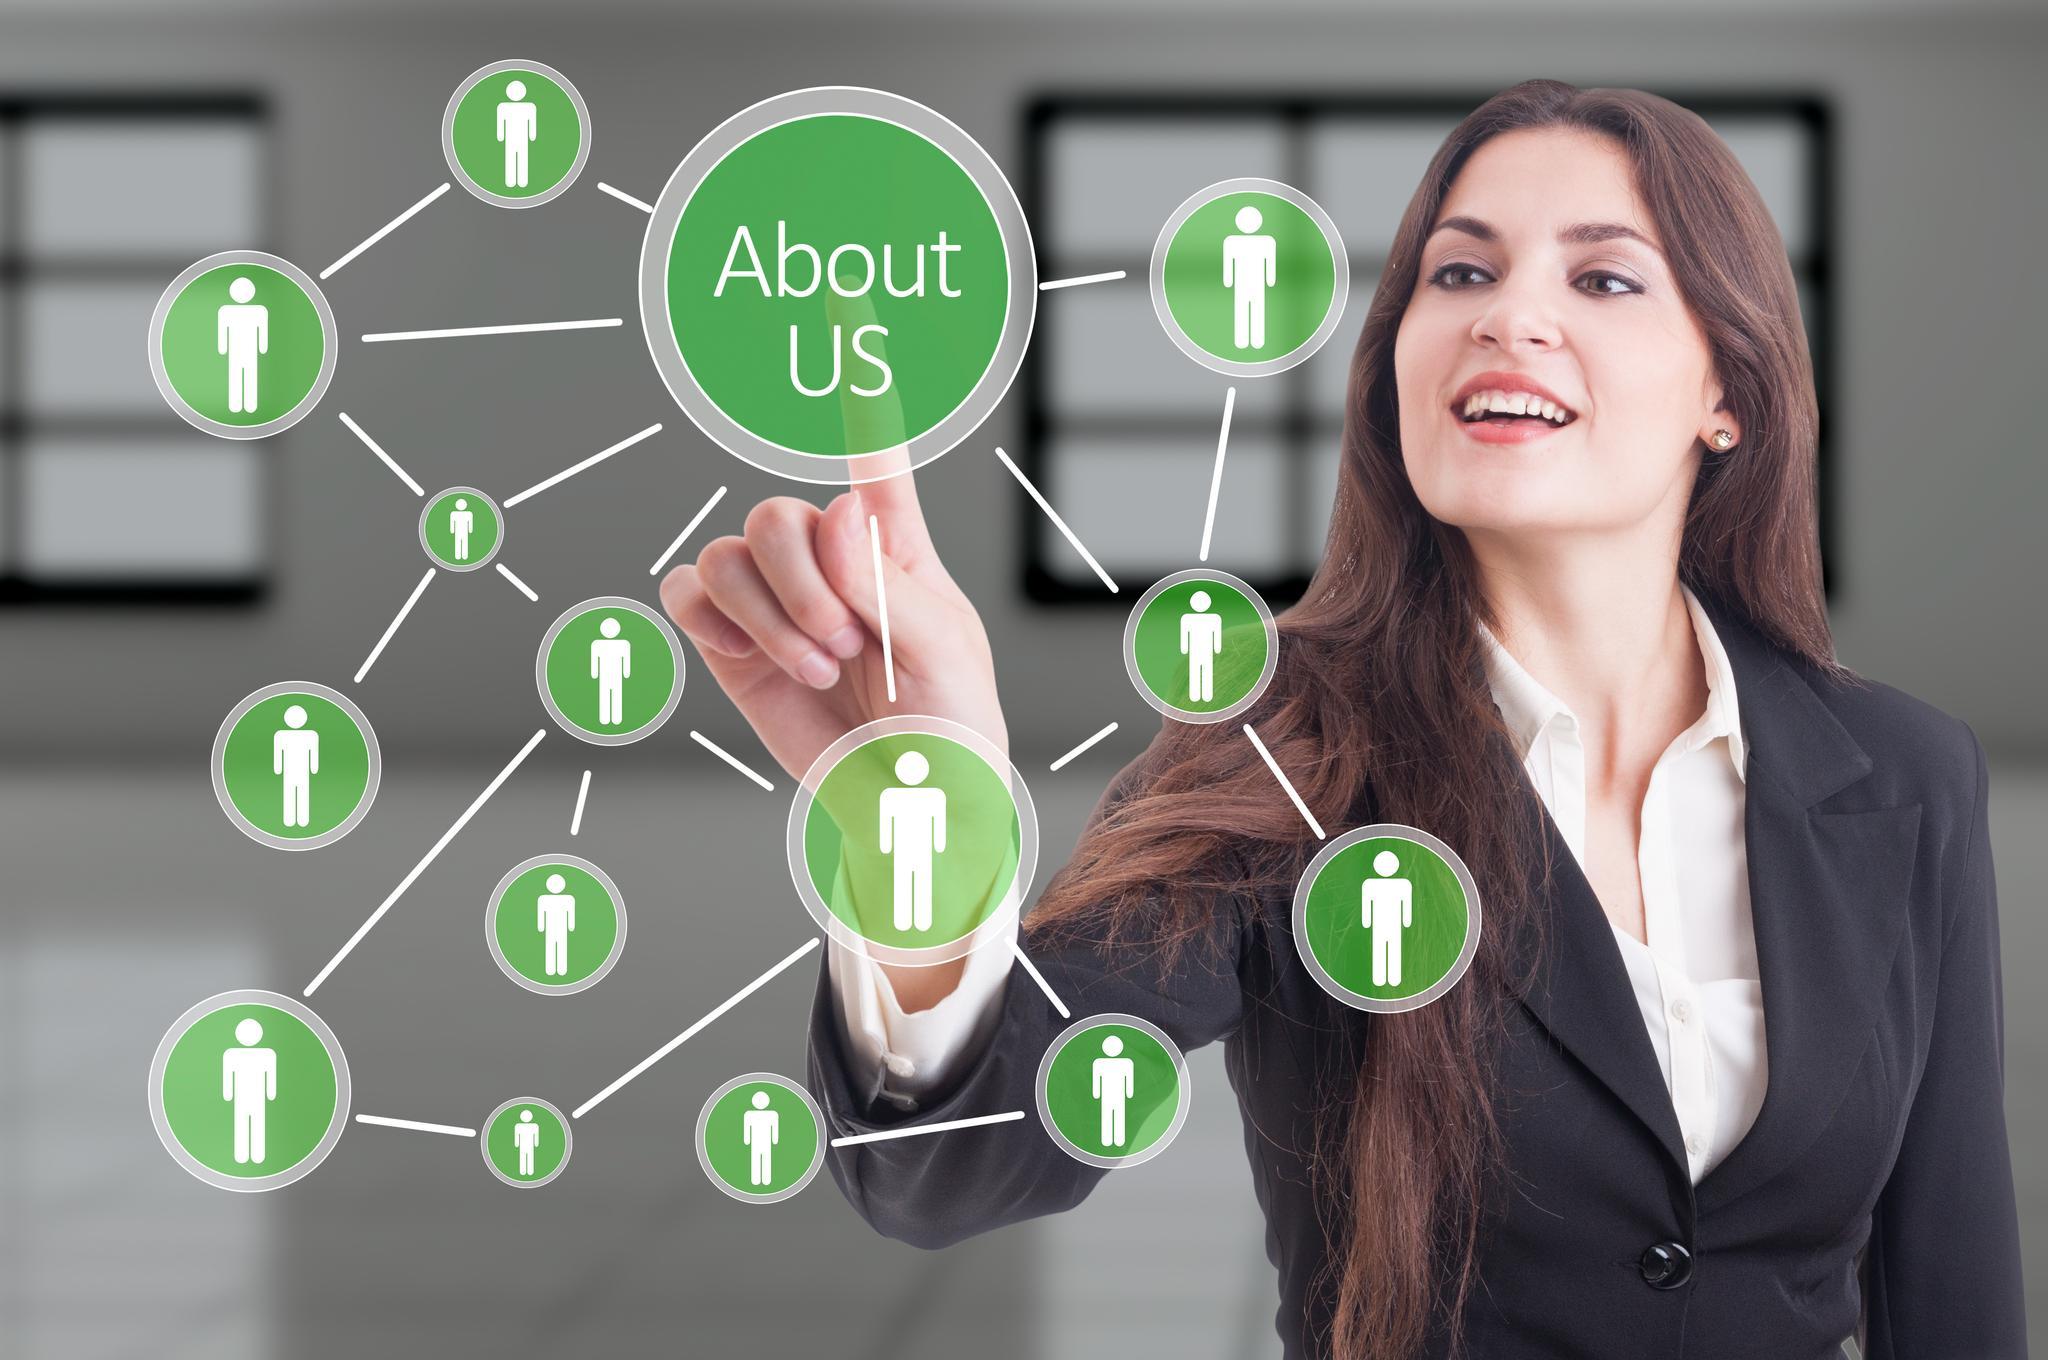 """Frau zeigt auf grünen Kreis, in dem """"About us"""" steht, und der durch Linien mit anderen Kreisen verbunden ist, die Icons in Menschenform zeigen"""